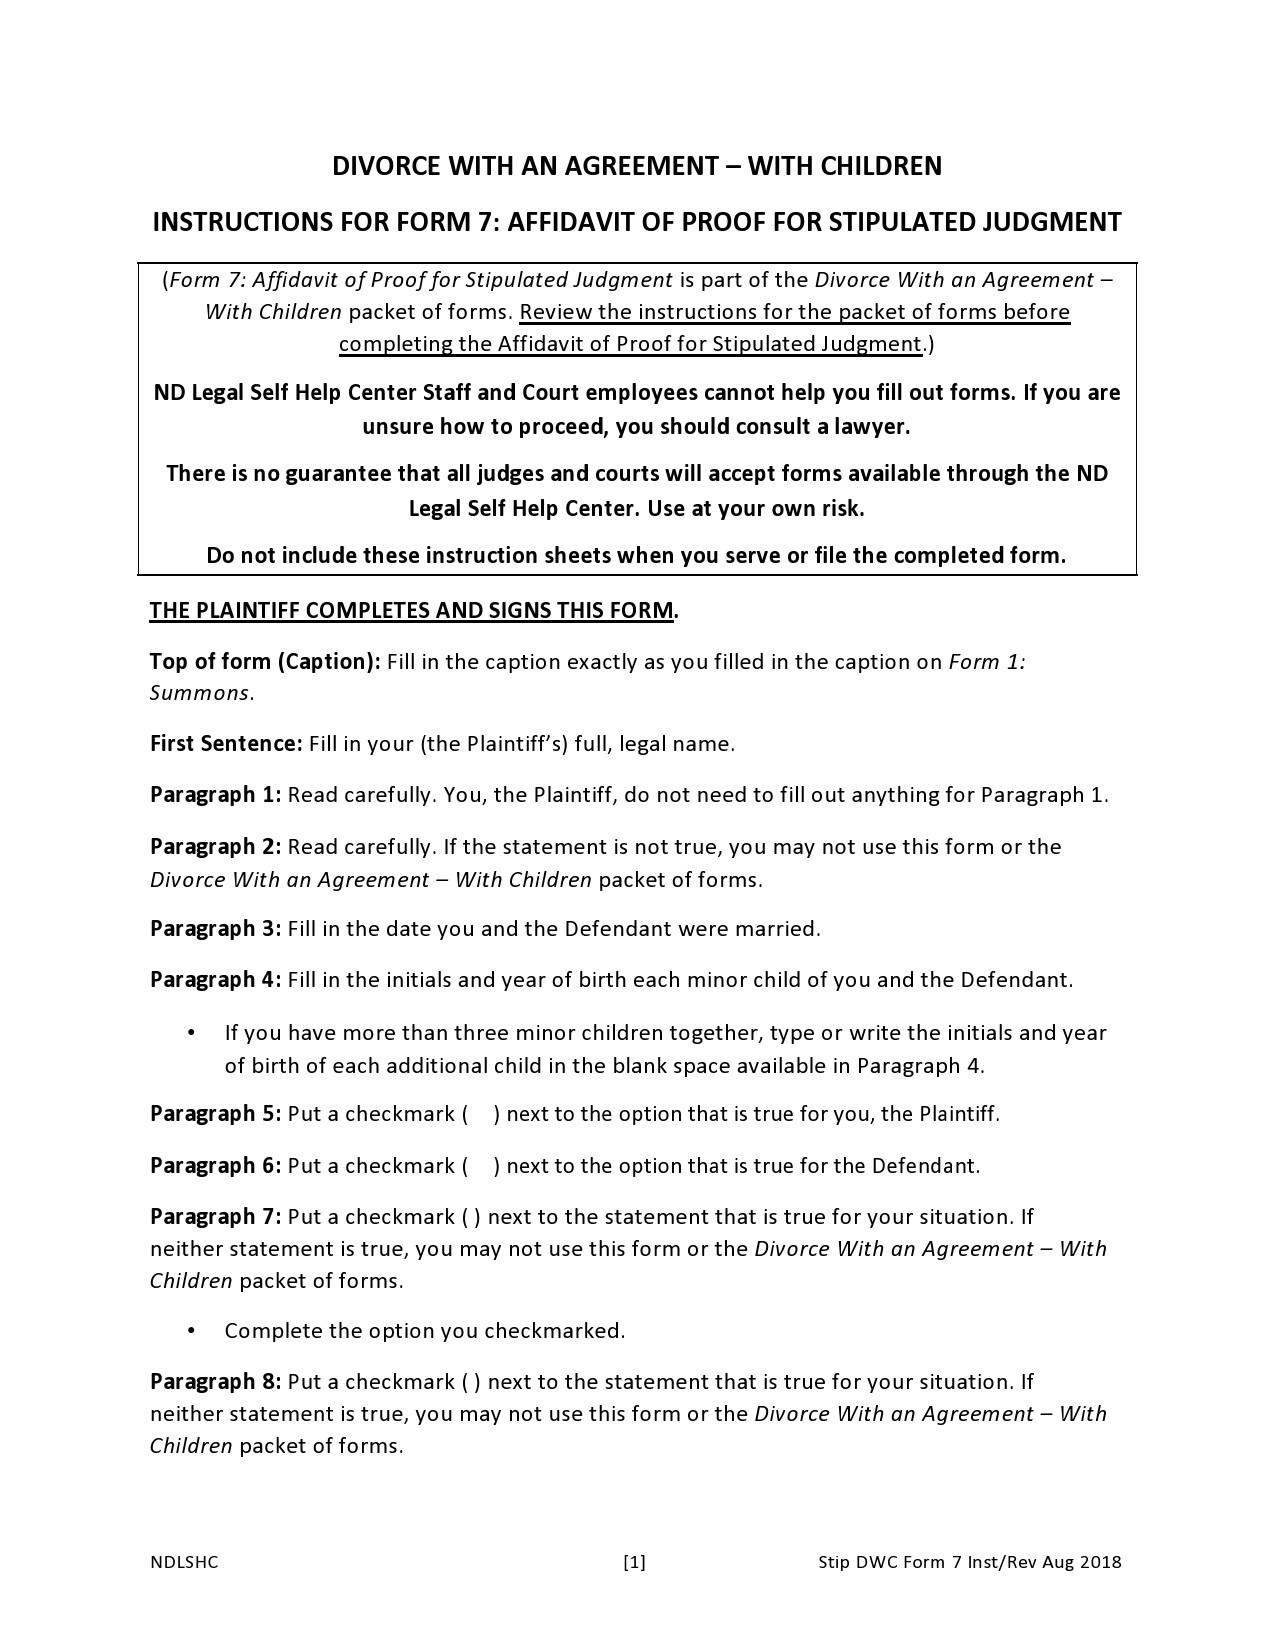 Free marital settlement agreement 48